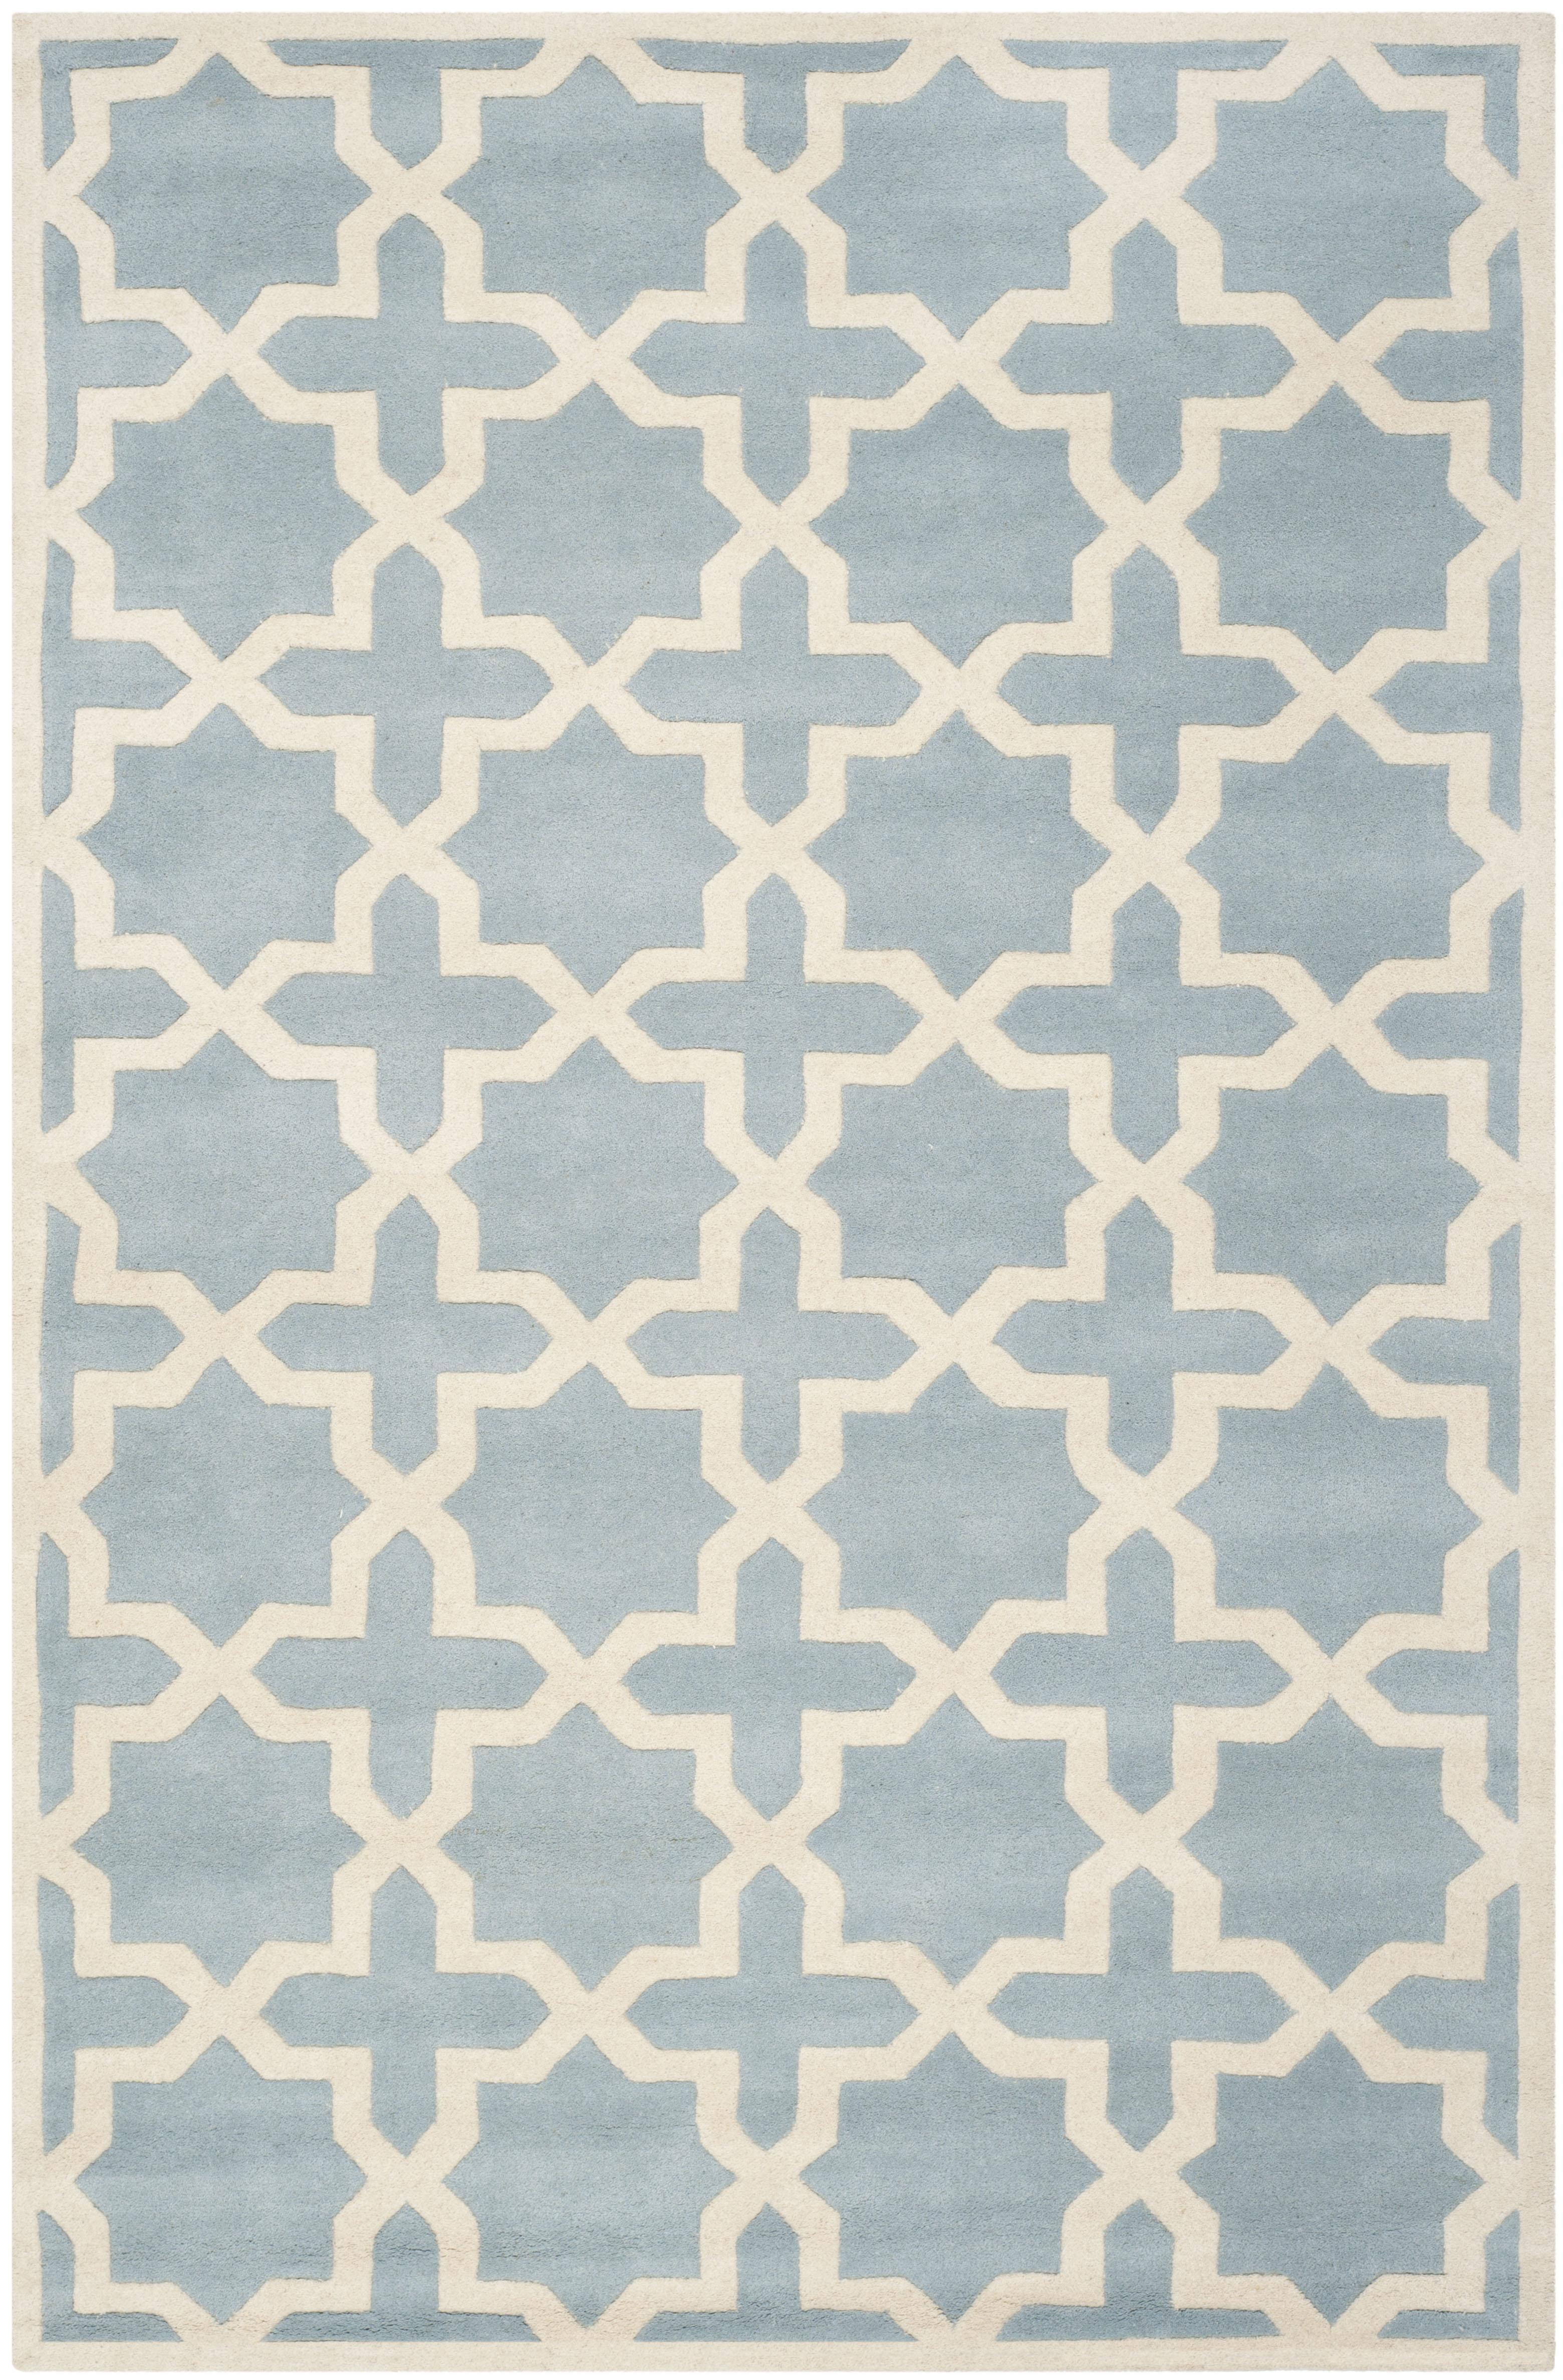 Tapis de salon moderne bleu et ivoire 182x274